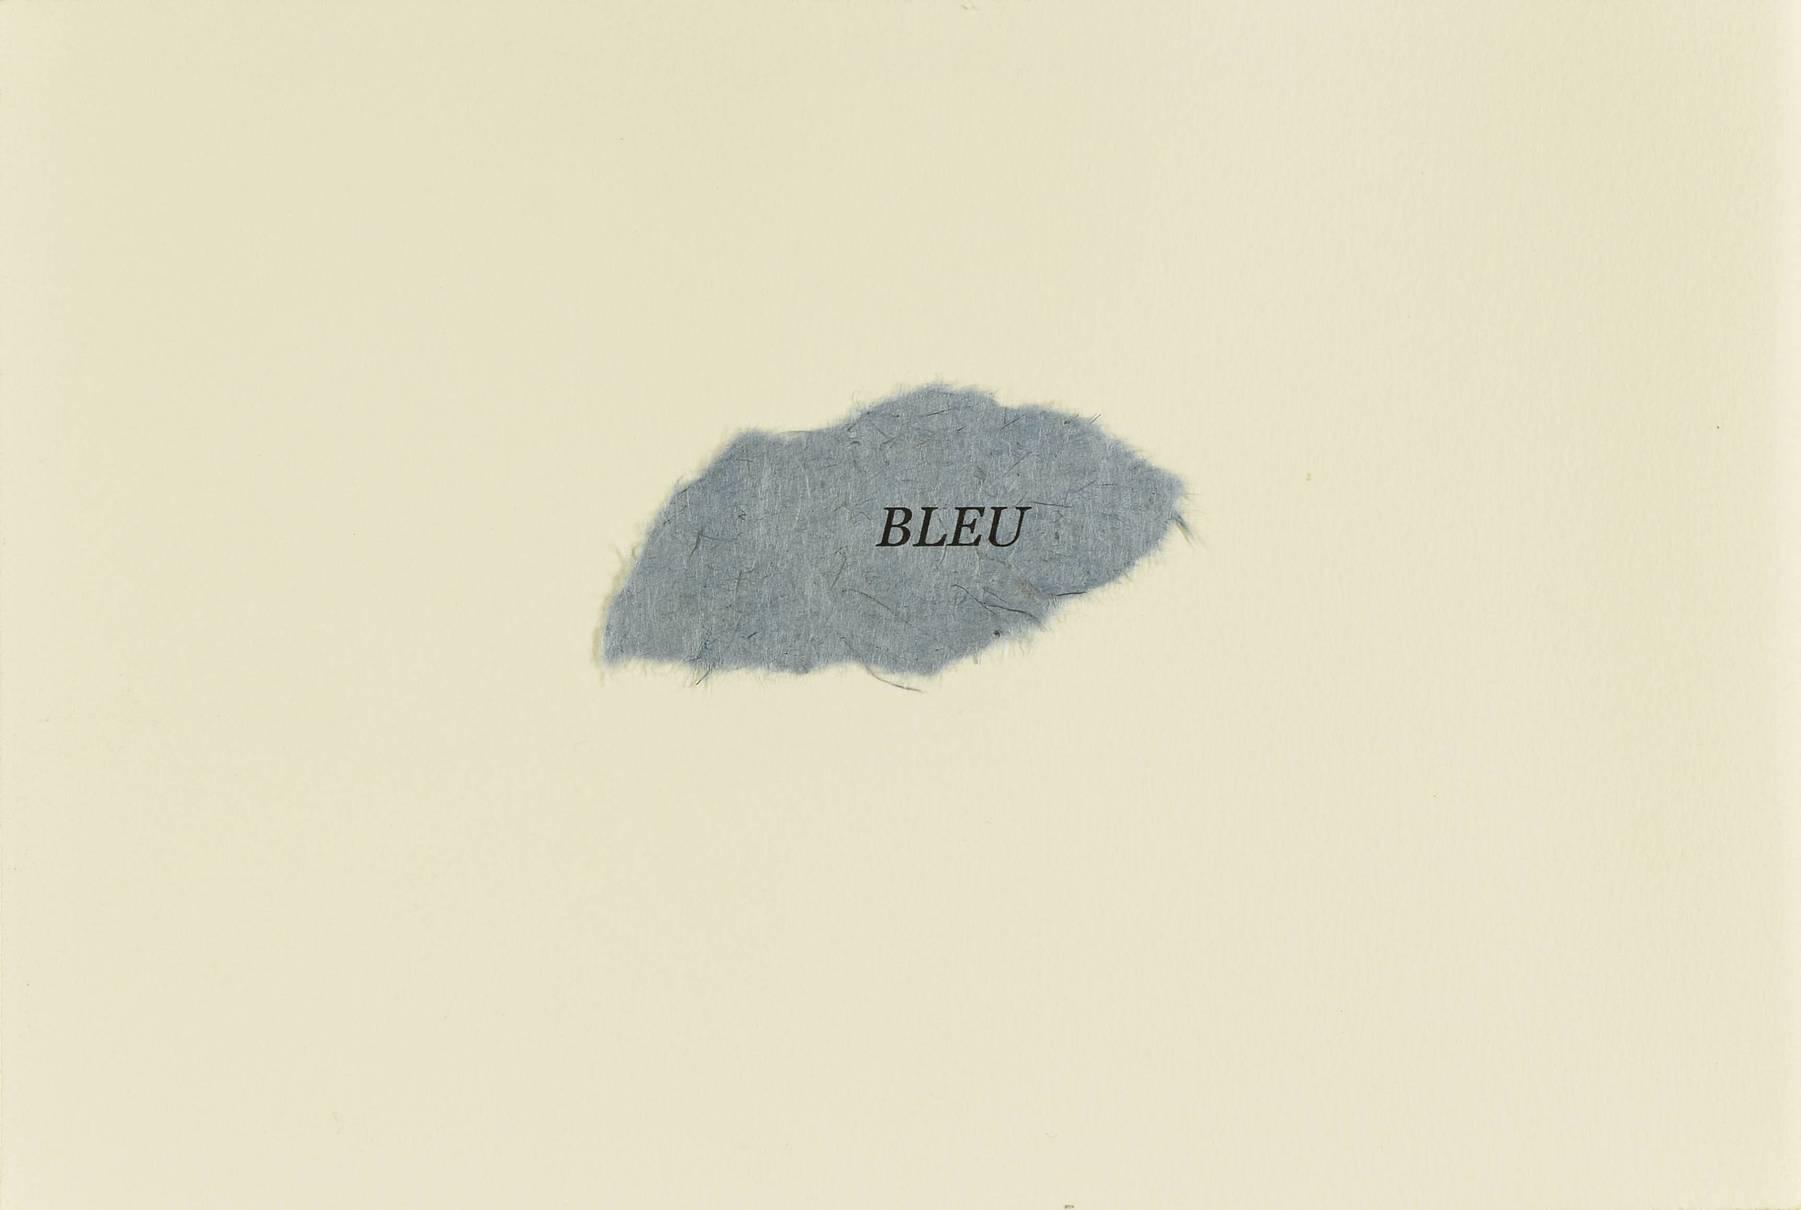 Contenu du Bleu, Frédérique Le Lous Delpech